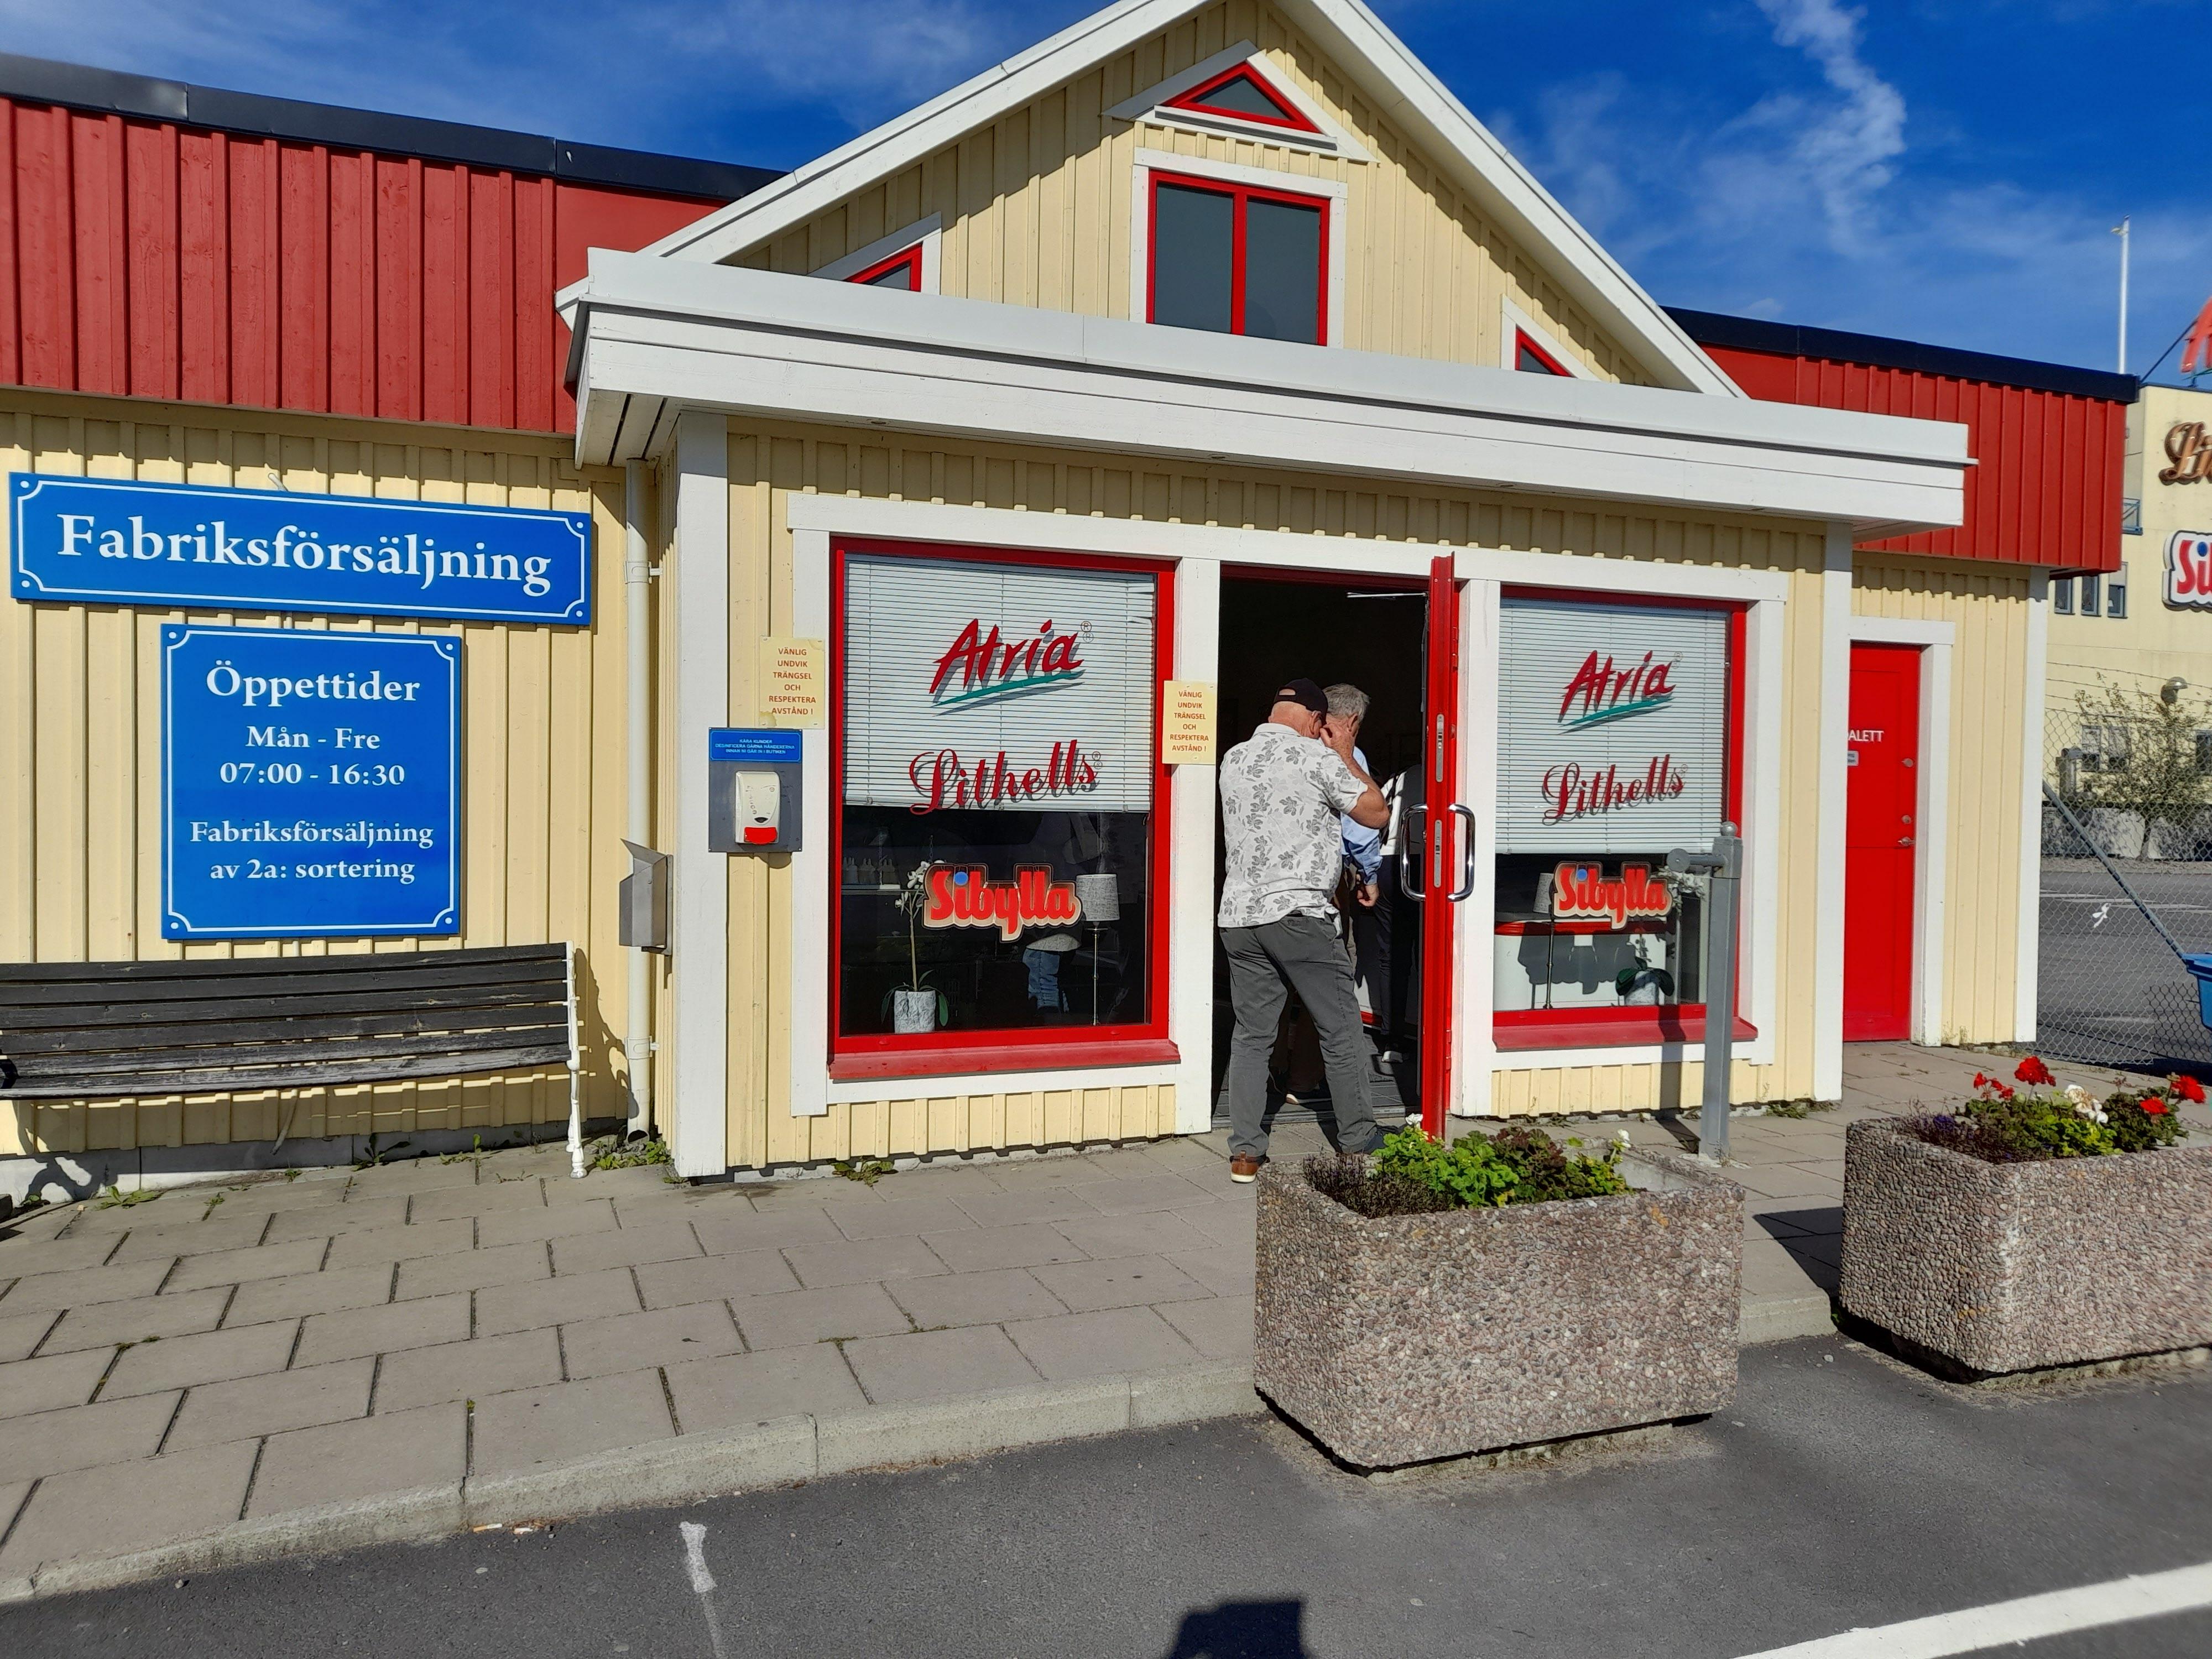 Litells fabriksförsäljning i Sköllersta,Örebro